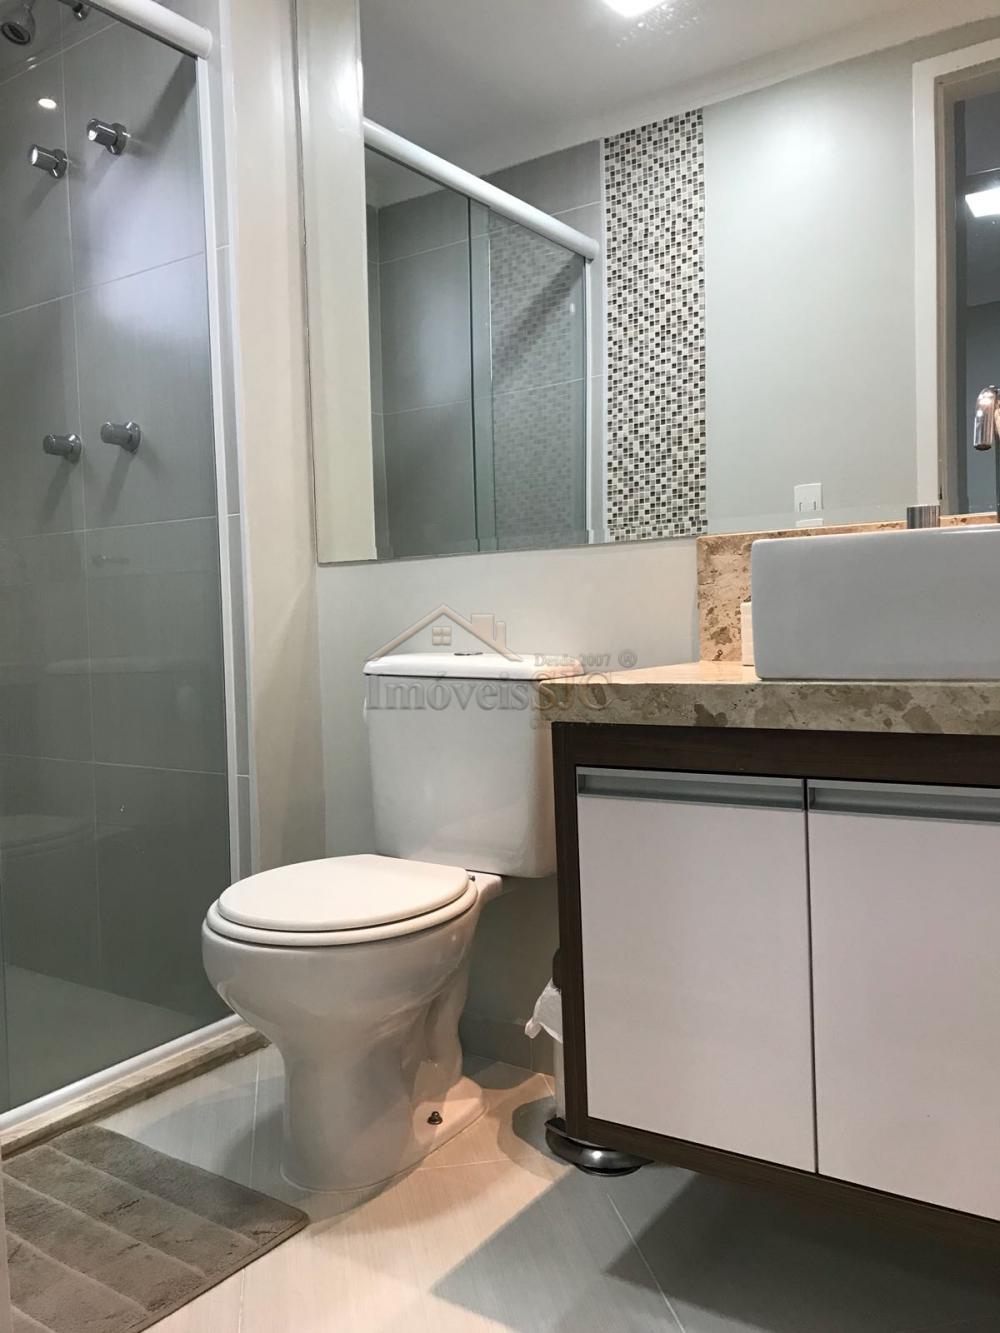 Alugar Apartamentos / Padrão em São José dos Campos apenas R$ 4.800,00 - Foto 21